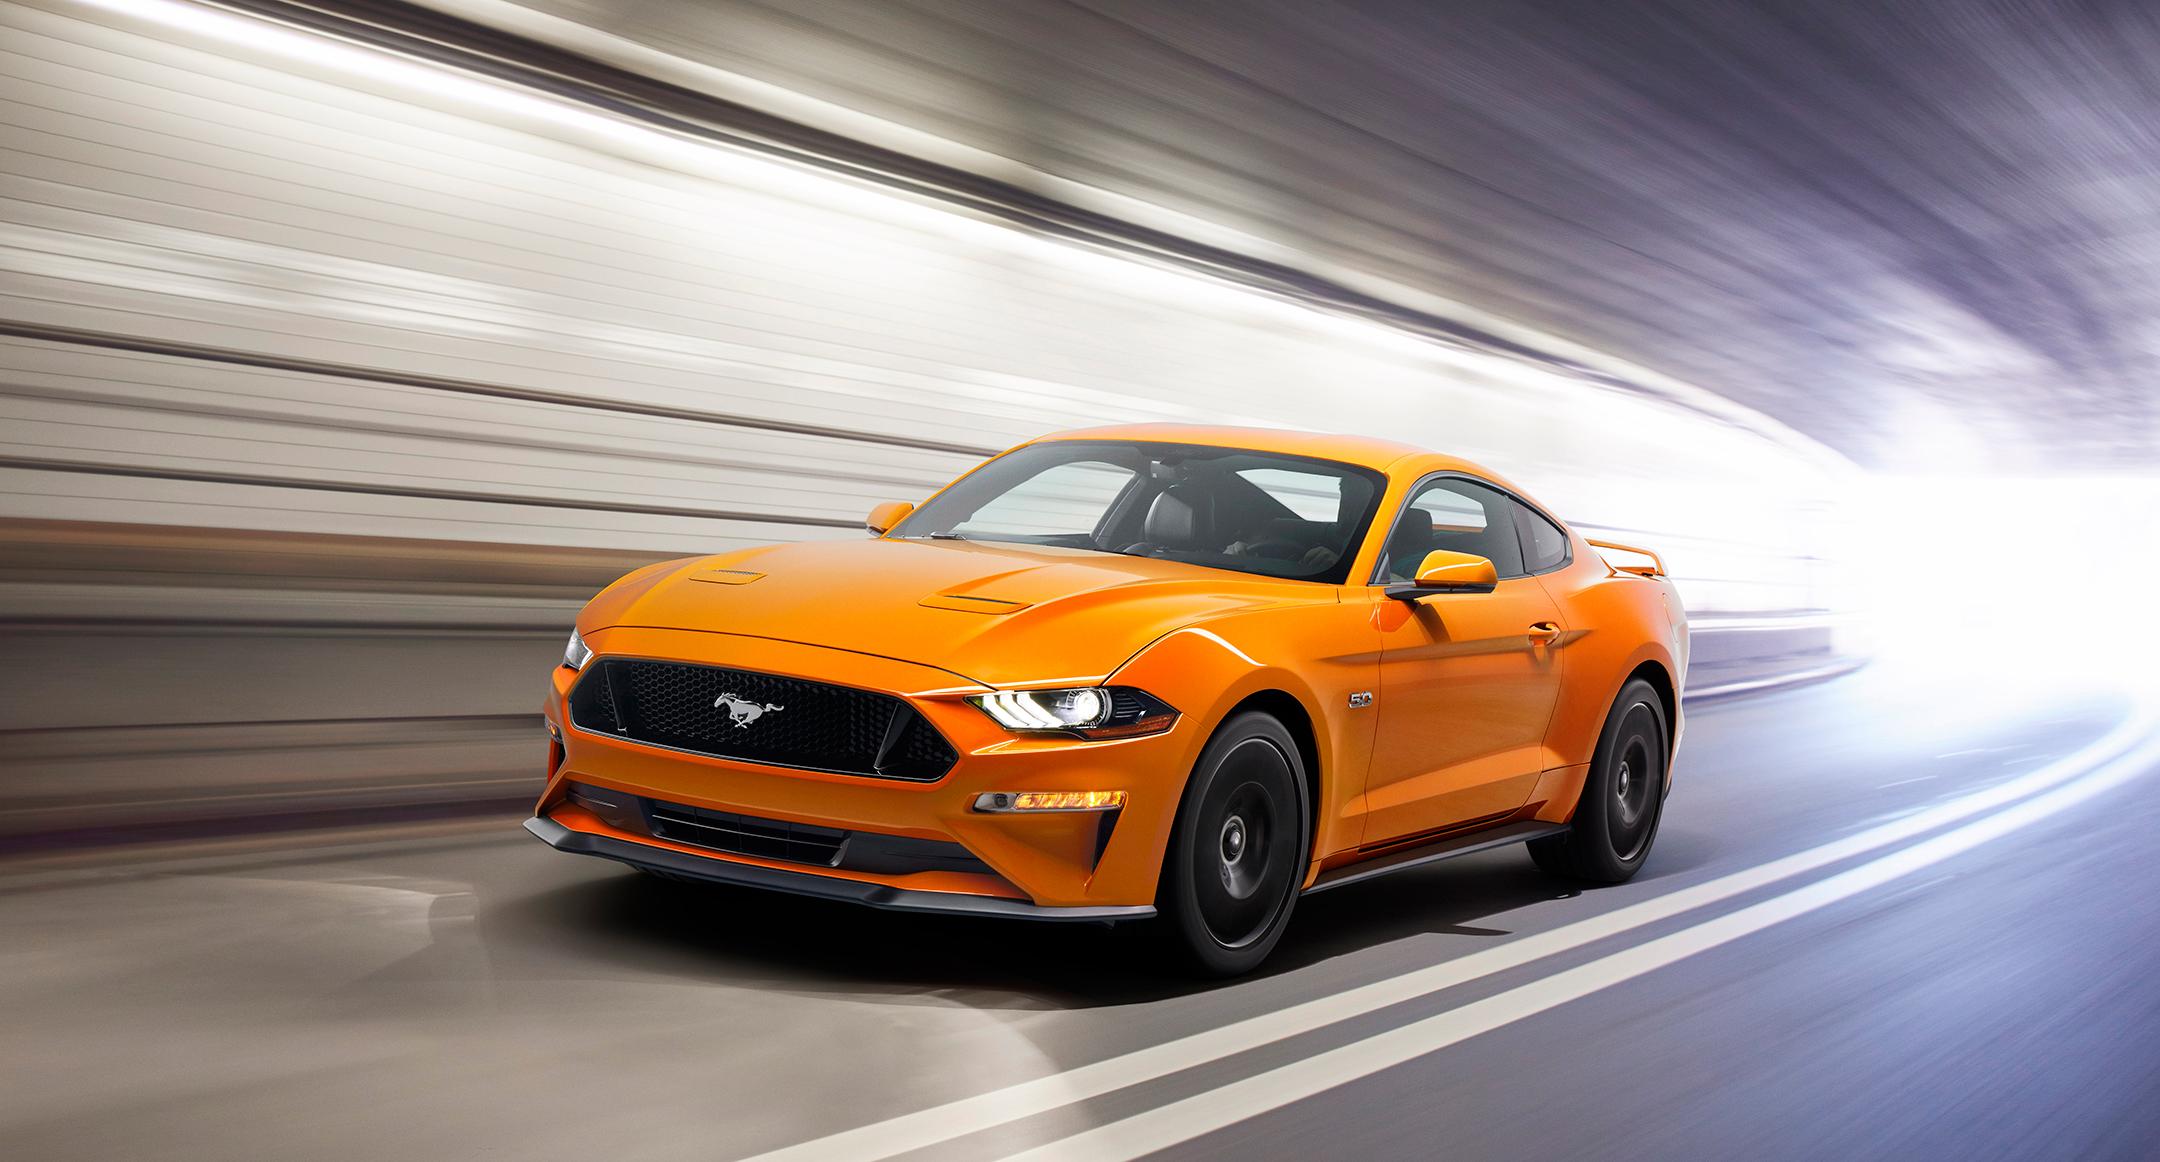 Mustang MY2018 - V8 GT - speed front light